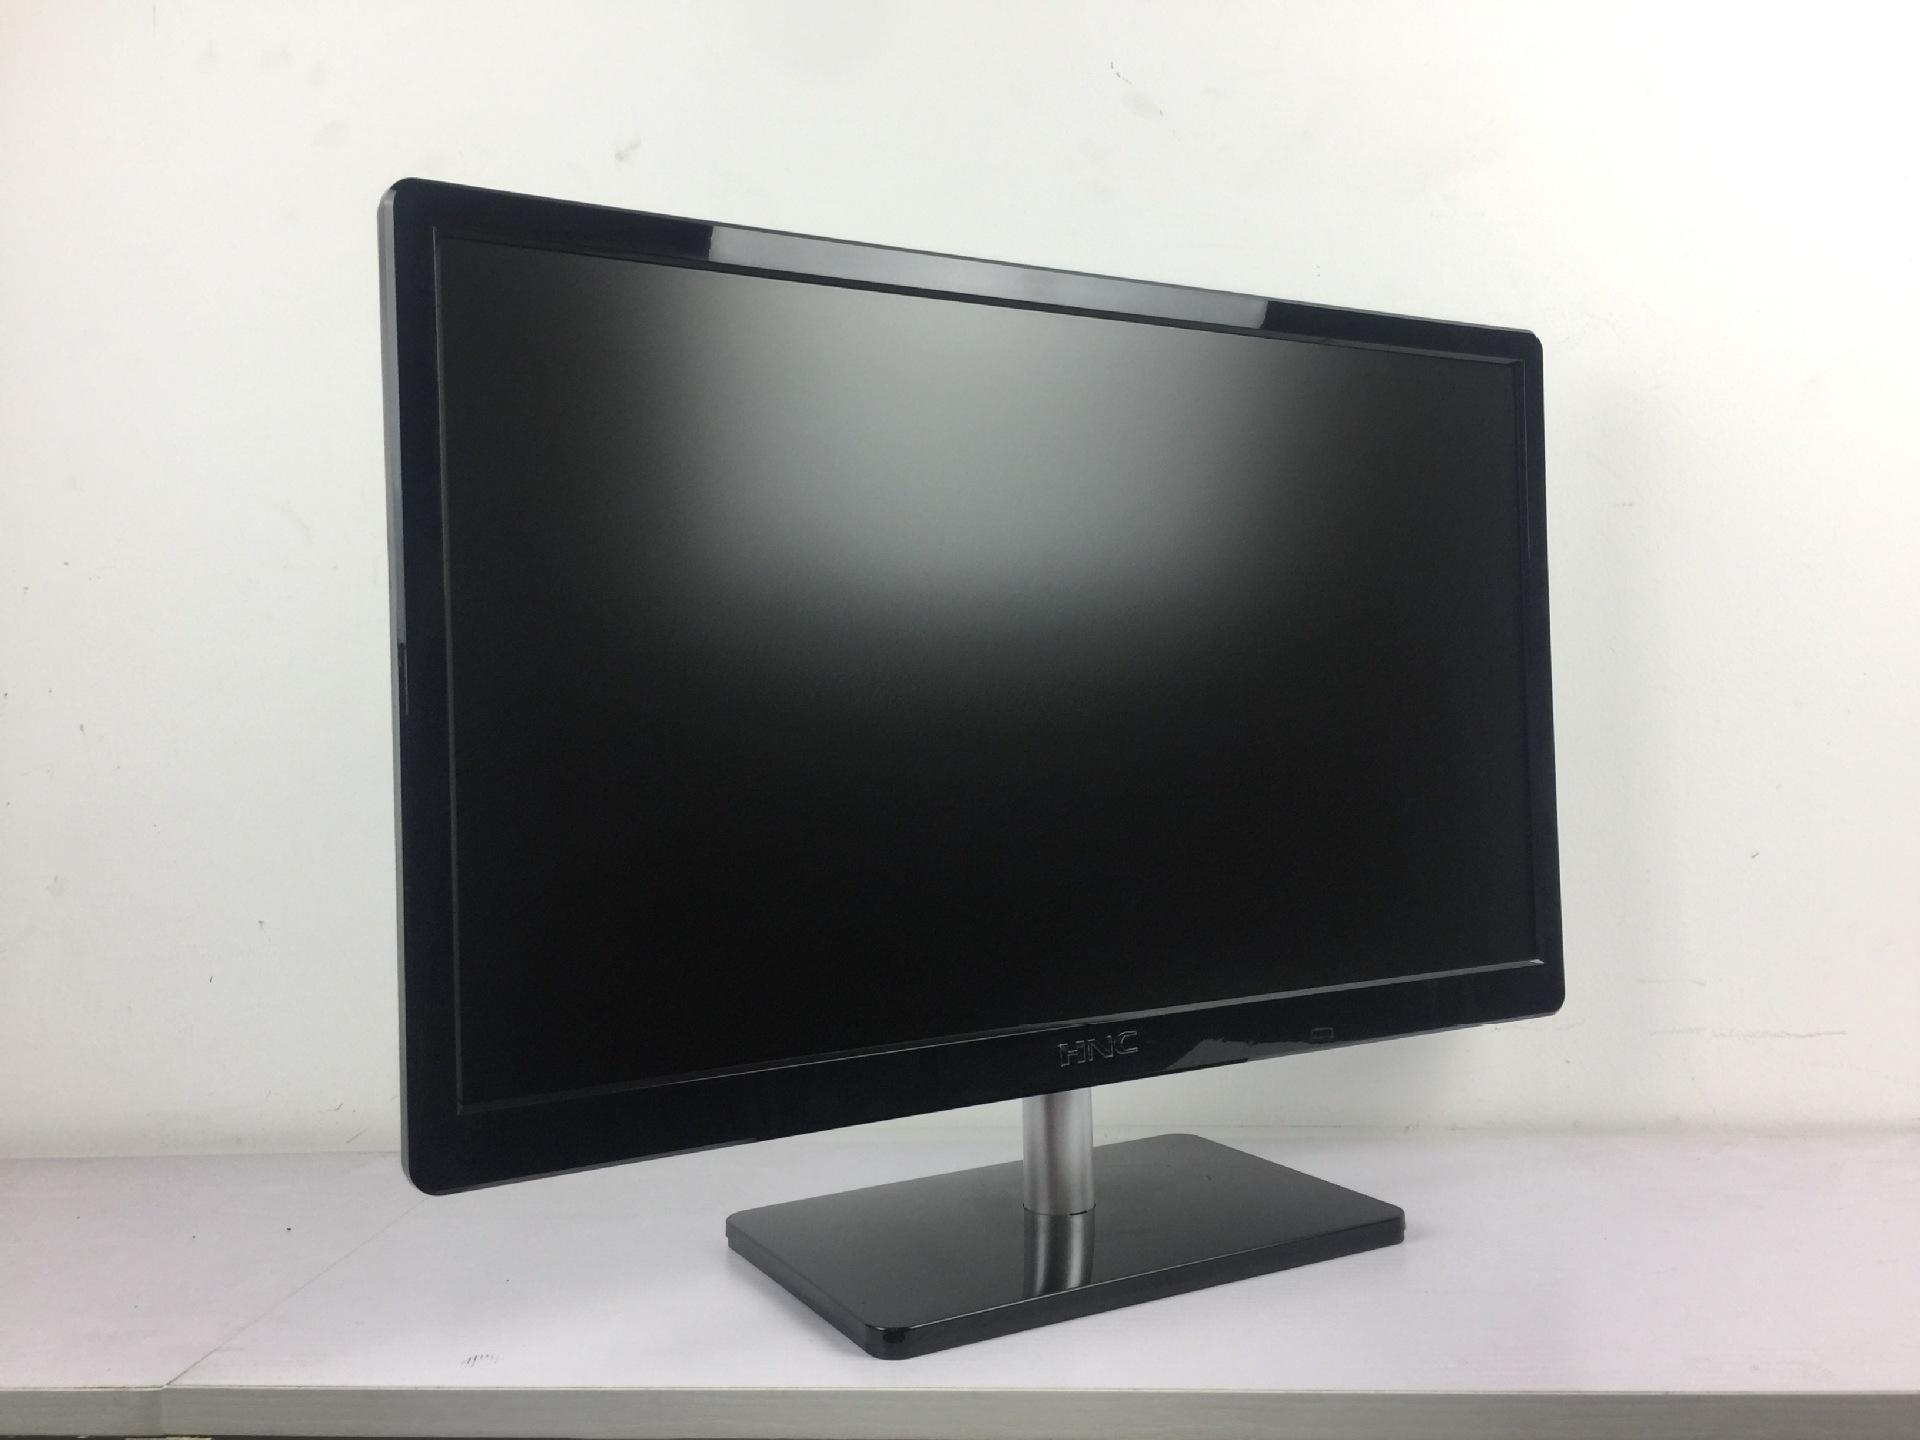 HNC Màn hình LED DaTeng Electronics 19 inch 18,5 inch